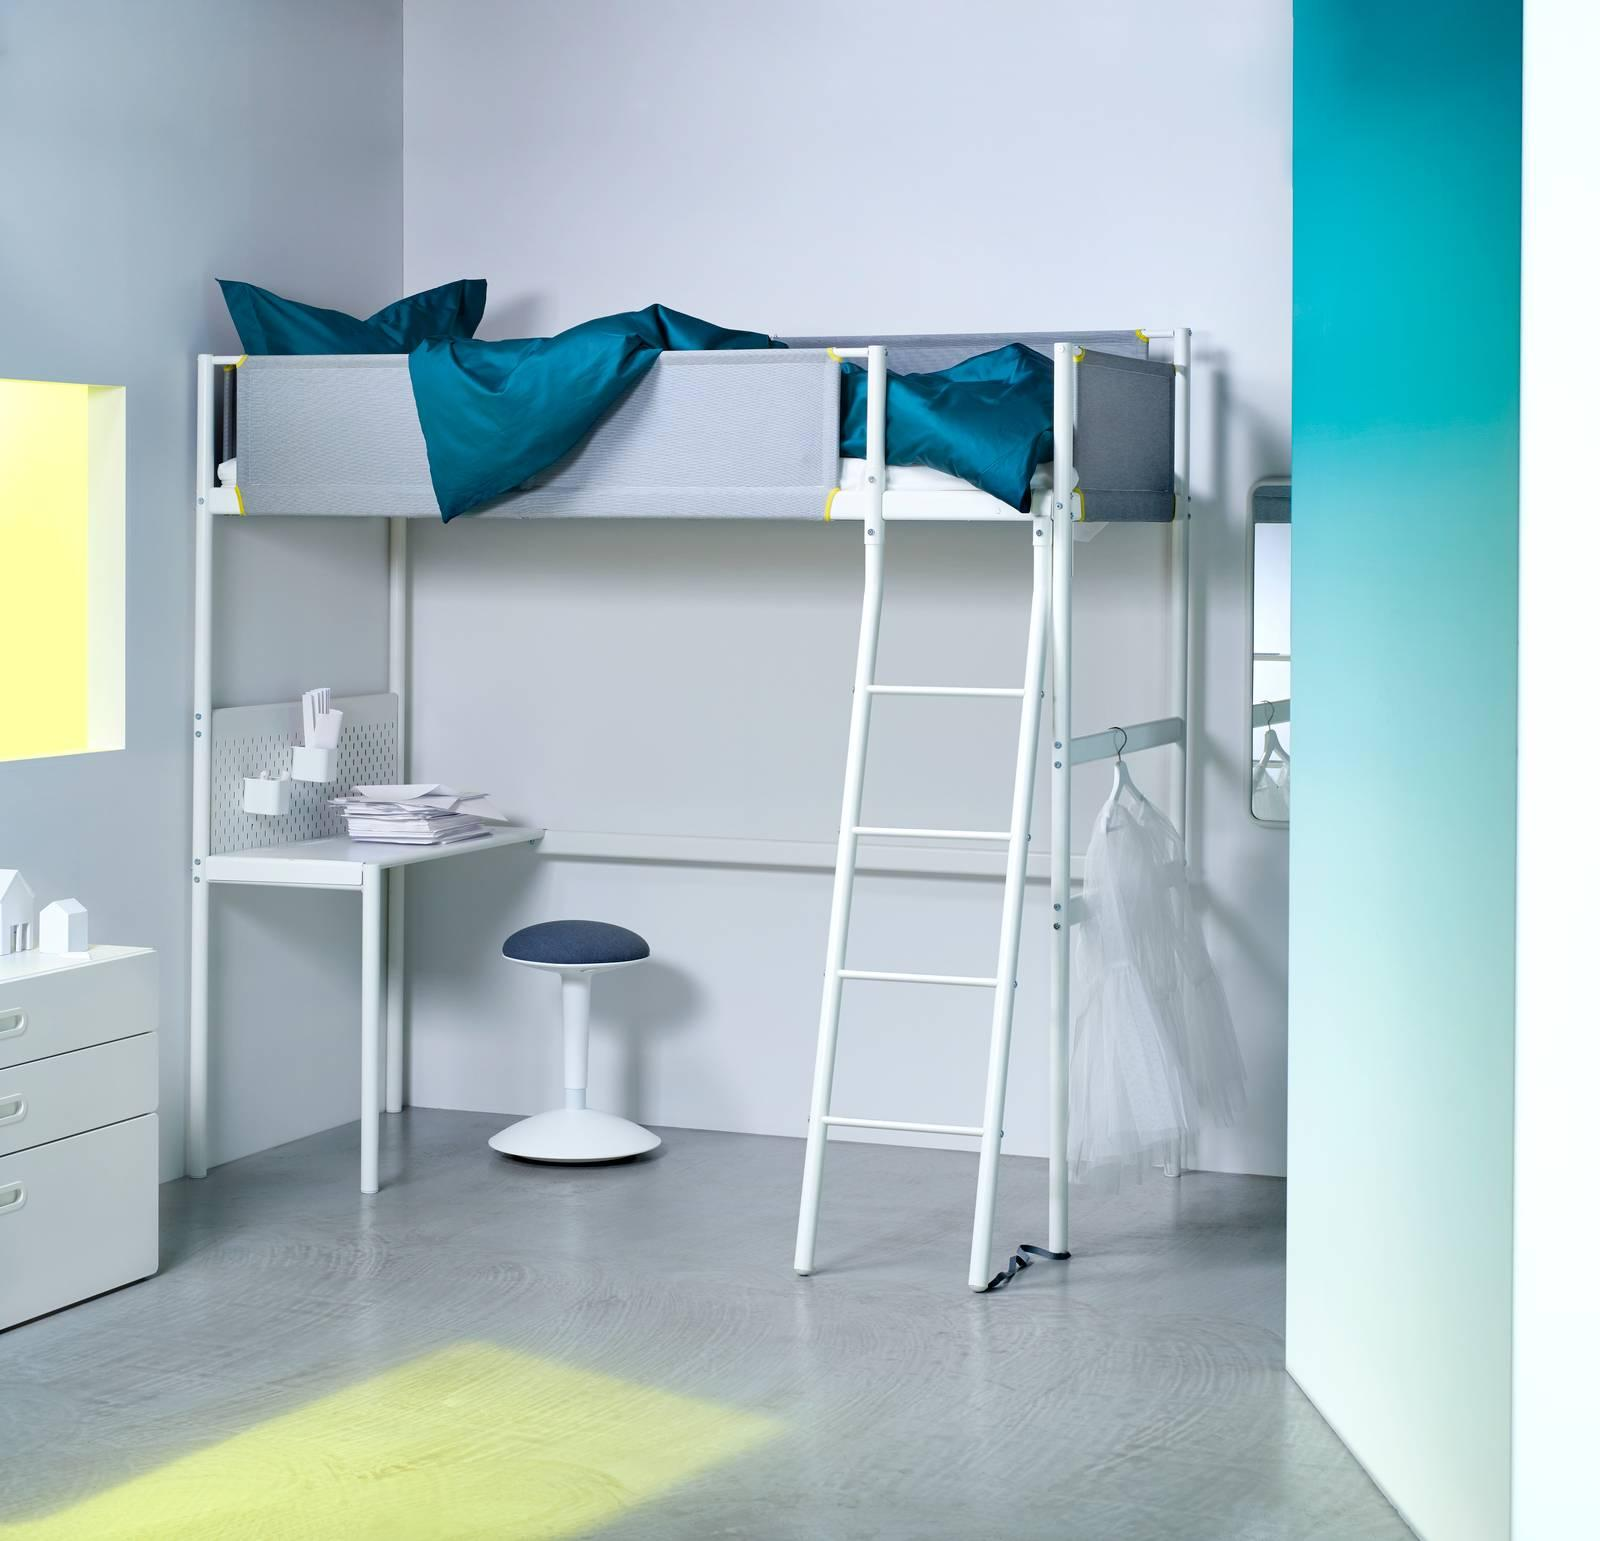 Letto A Castello Ikea Opinioni.Arredare La Cameretta Con Soluzioni Trasformabili E Salvaspazio